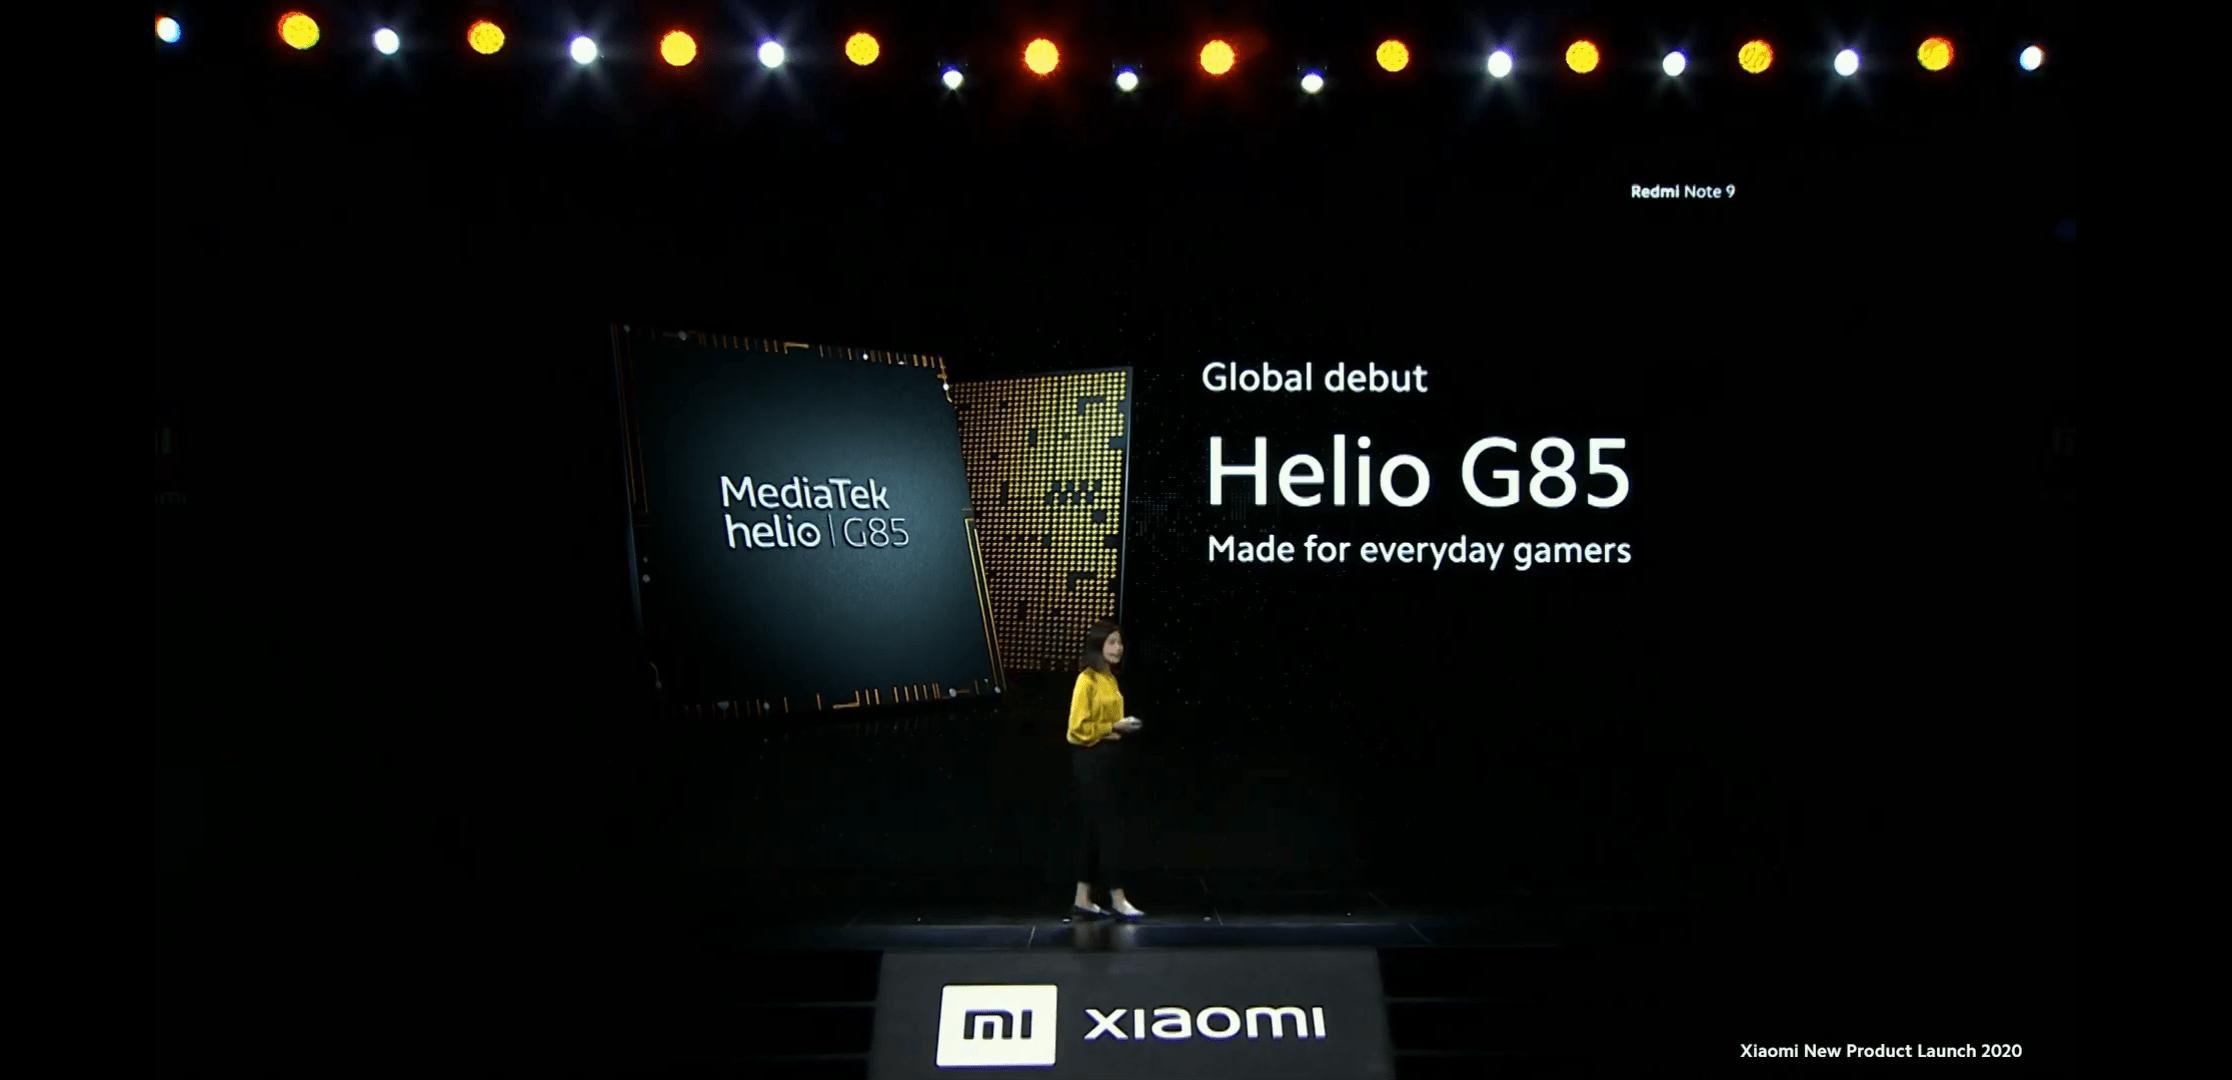 MediaTek Helio G85のベンチマークスコアが判明。VS. Helio G90T、Helio G80、Helio G70、Helio P95